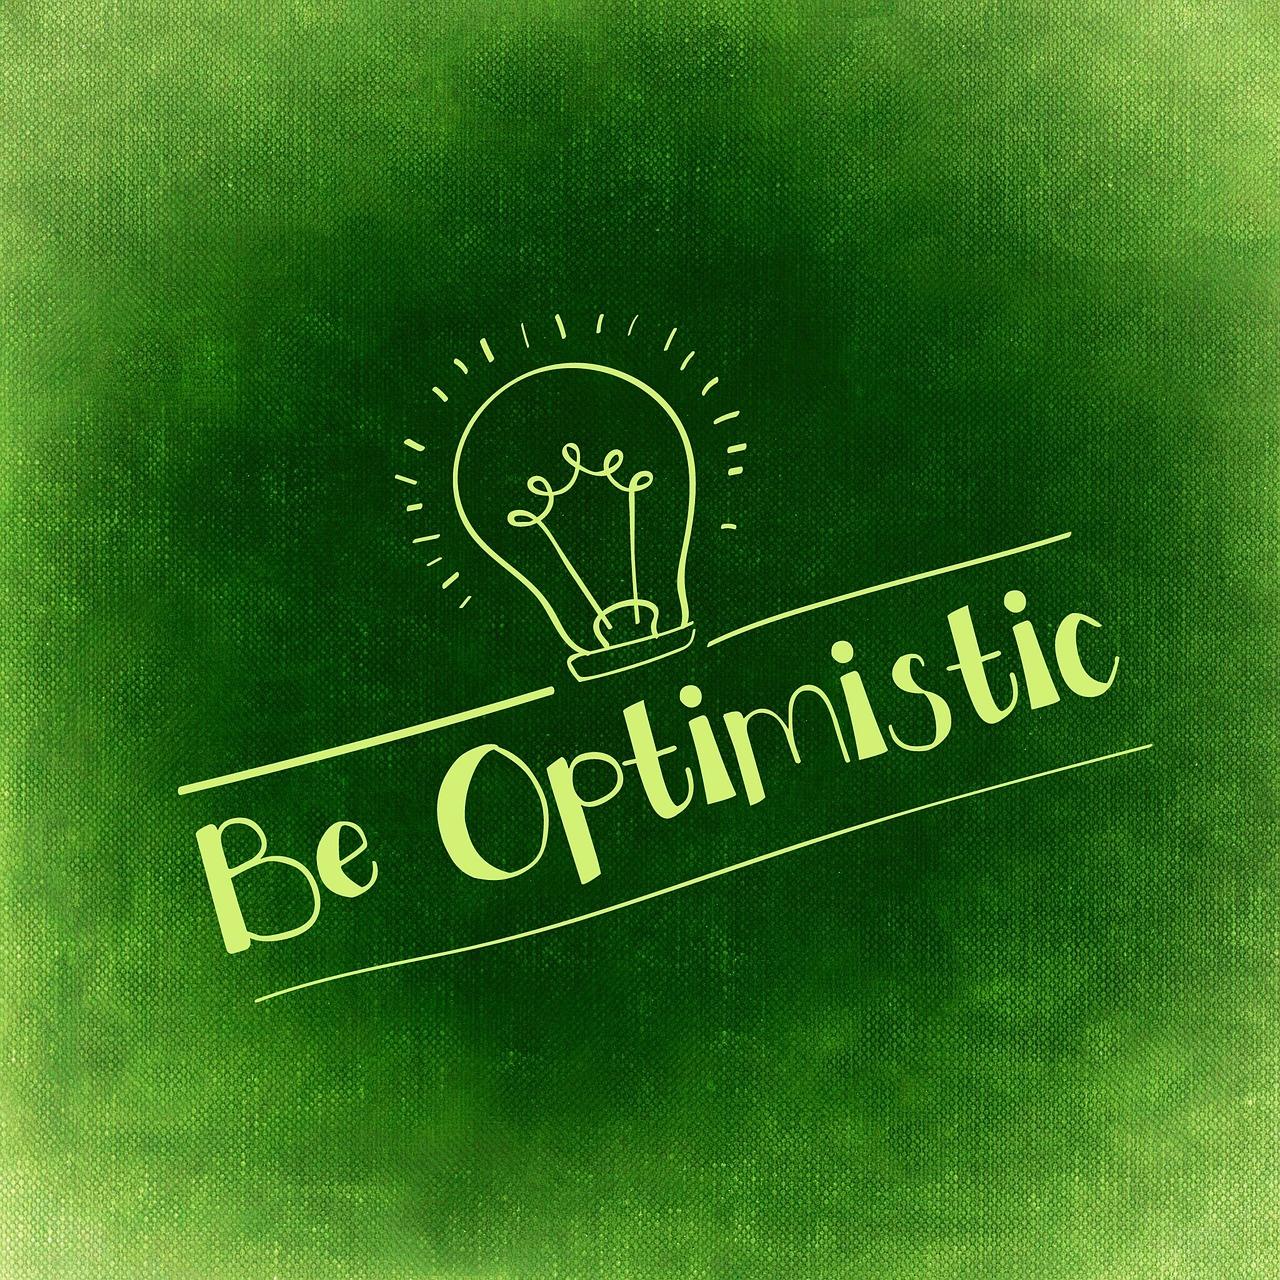 Día 2 –  ¡Persevera en tu optimismo!